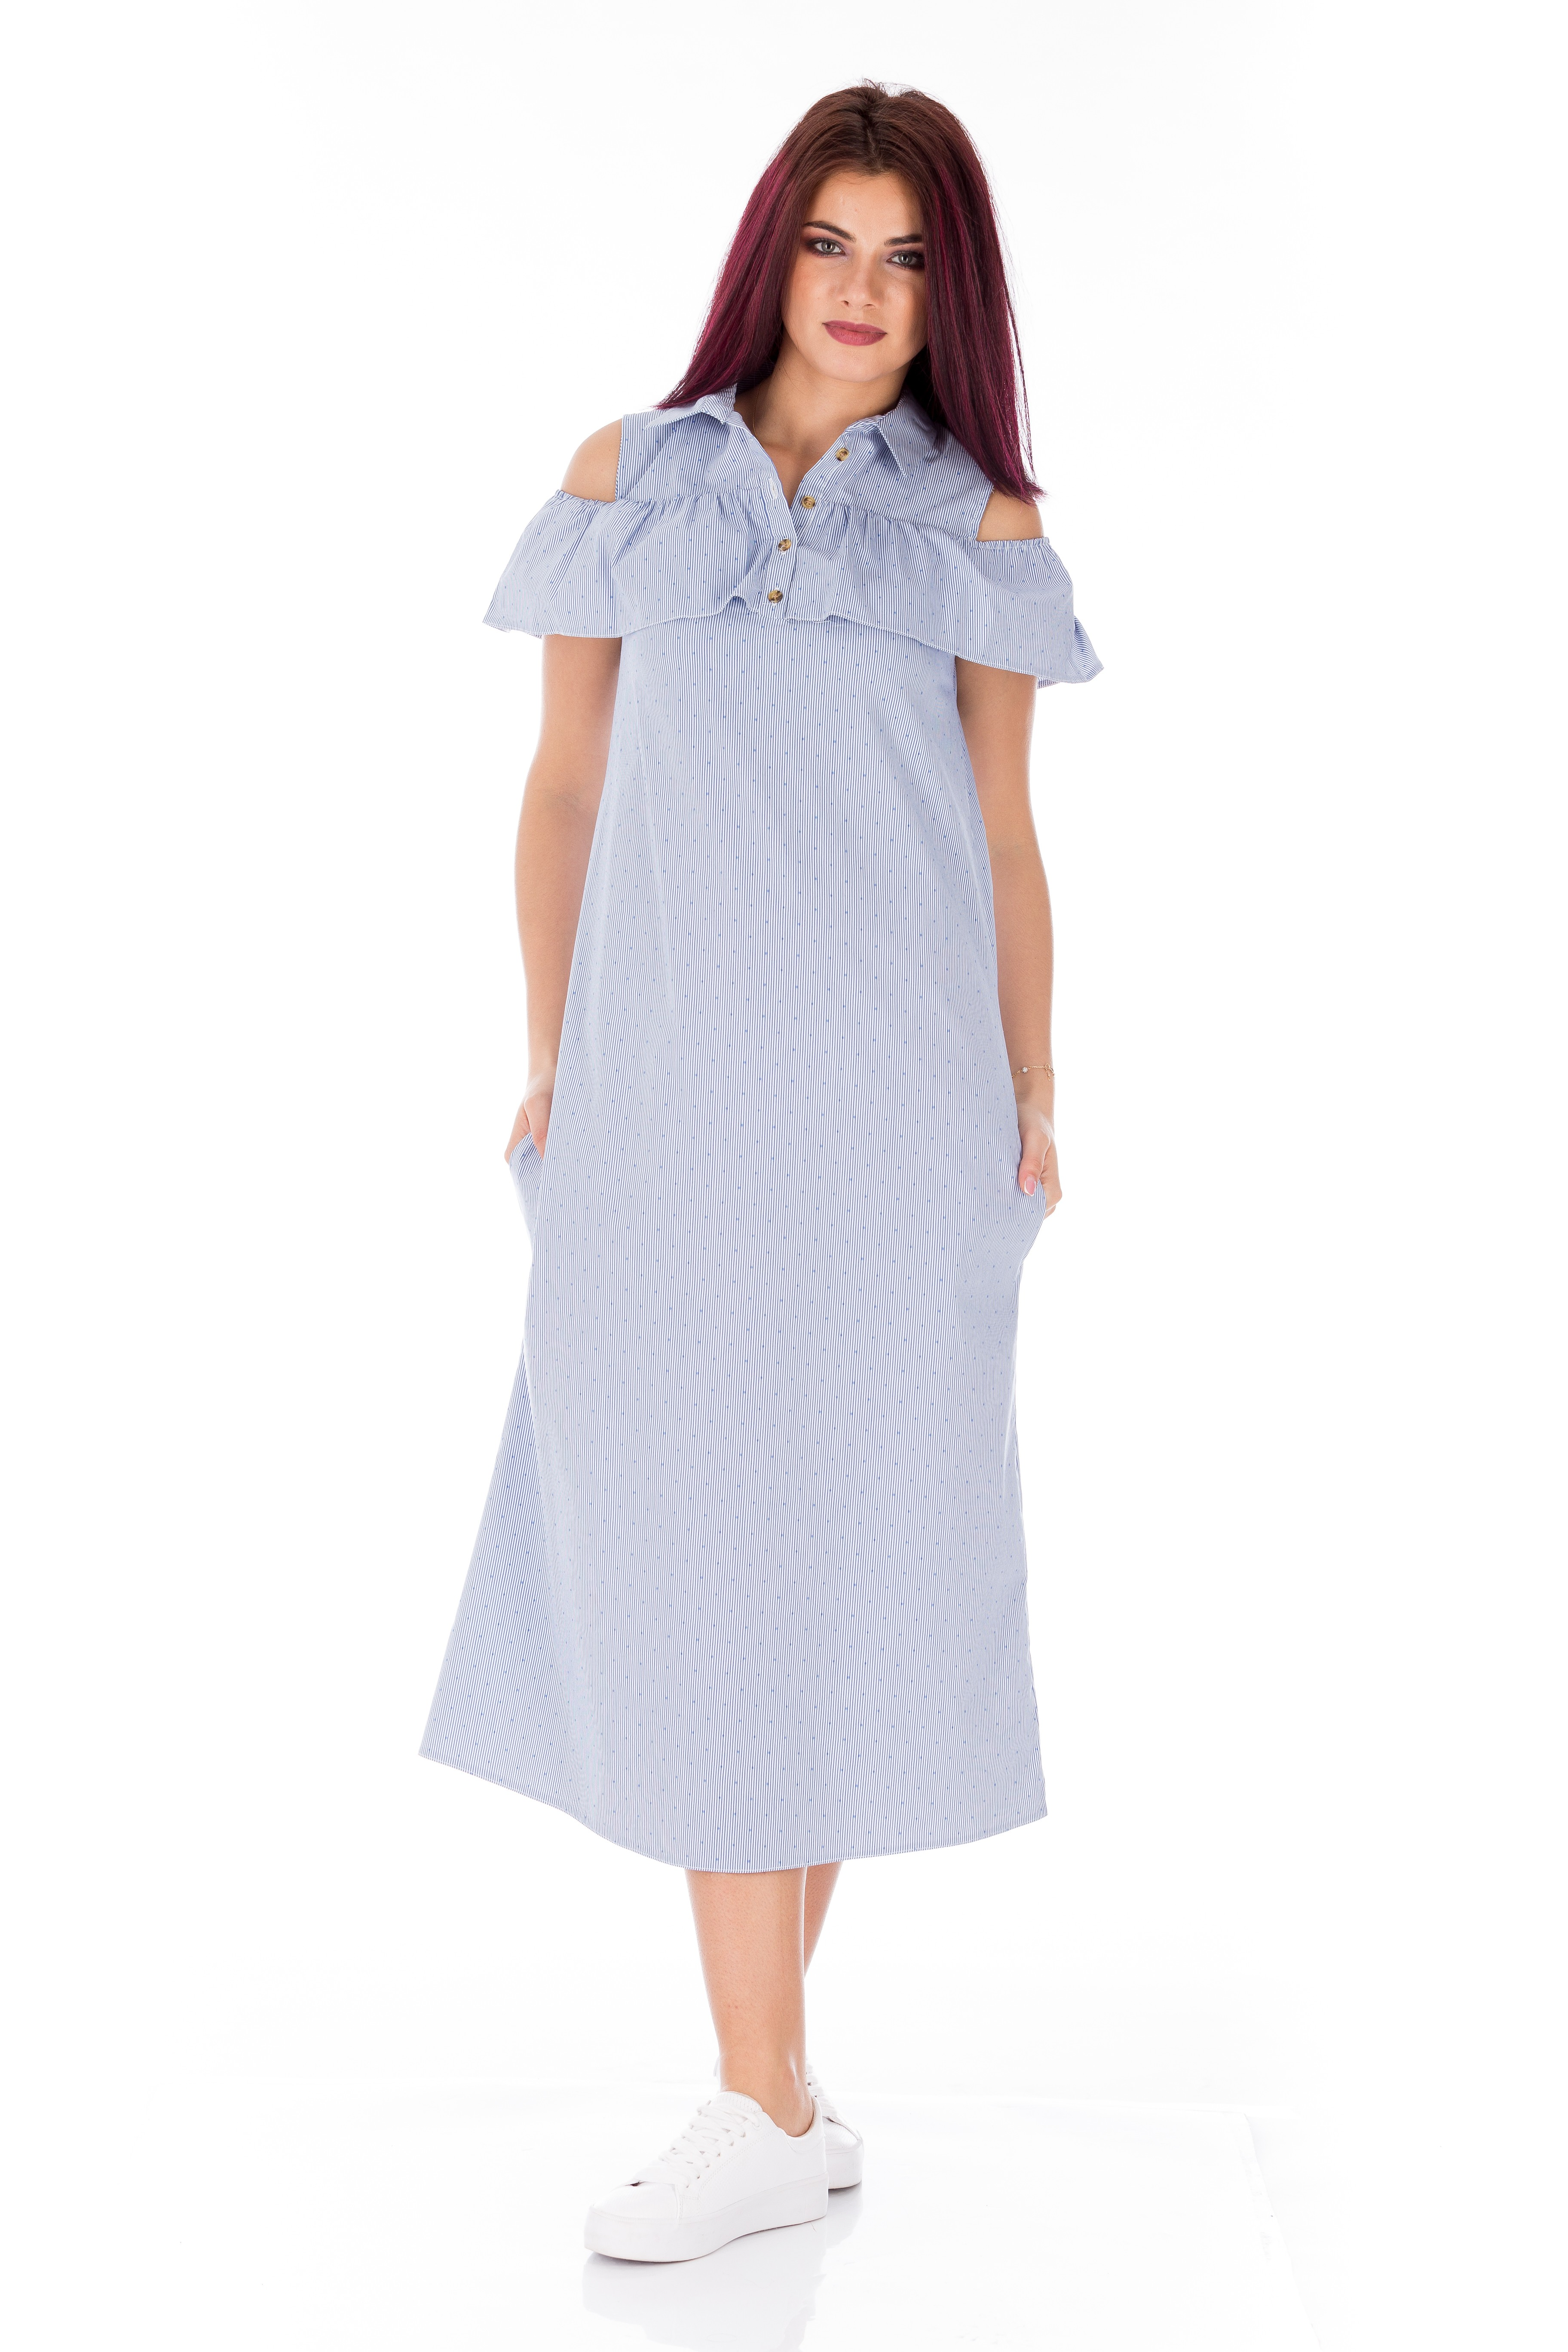 Rochie bleumarin in dungi cu picouri albe